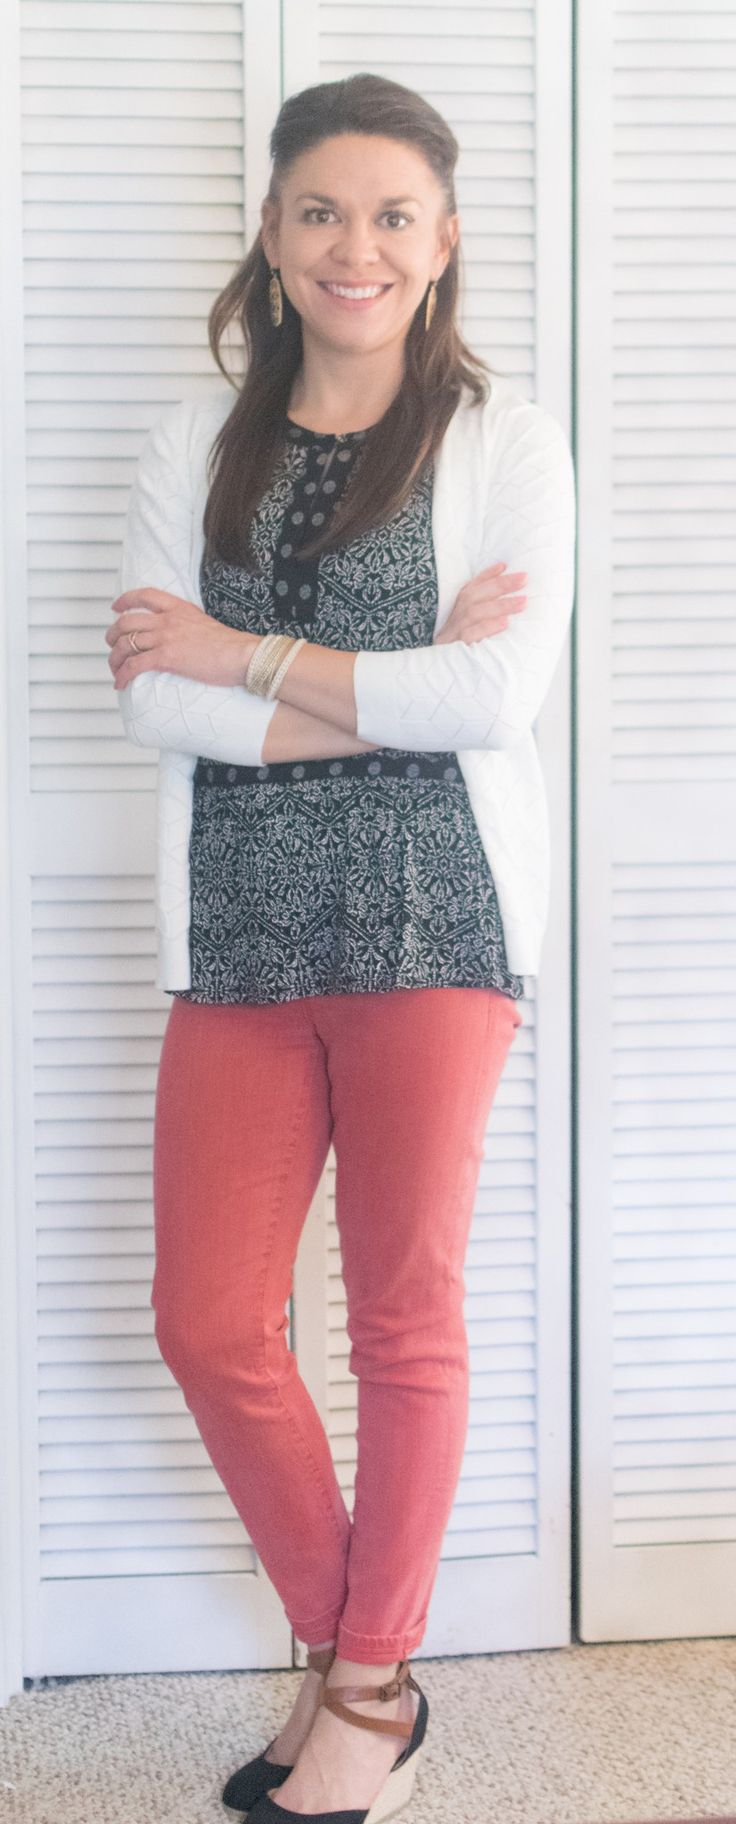 Daniel Rainn Ariel Skirt Hem Top Liverpool Adele Skinny Jean 41 Hawthorn Michellie Pointelle Stitch Fitted Cardigan Stitch Fix Review April 2017